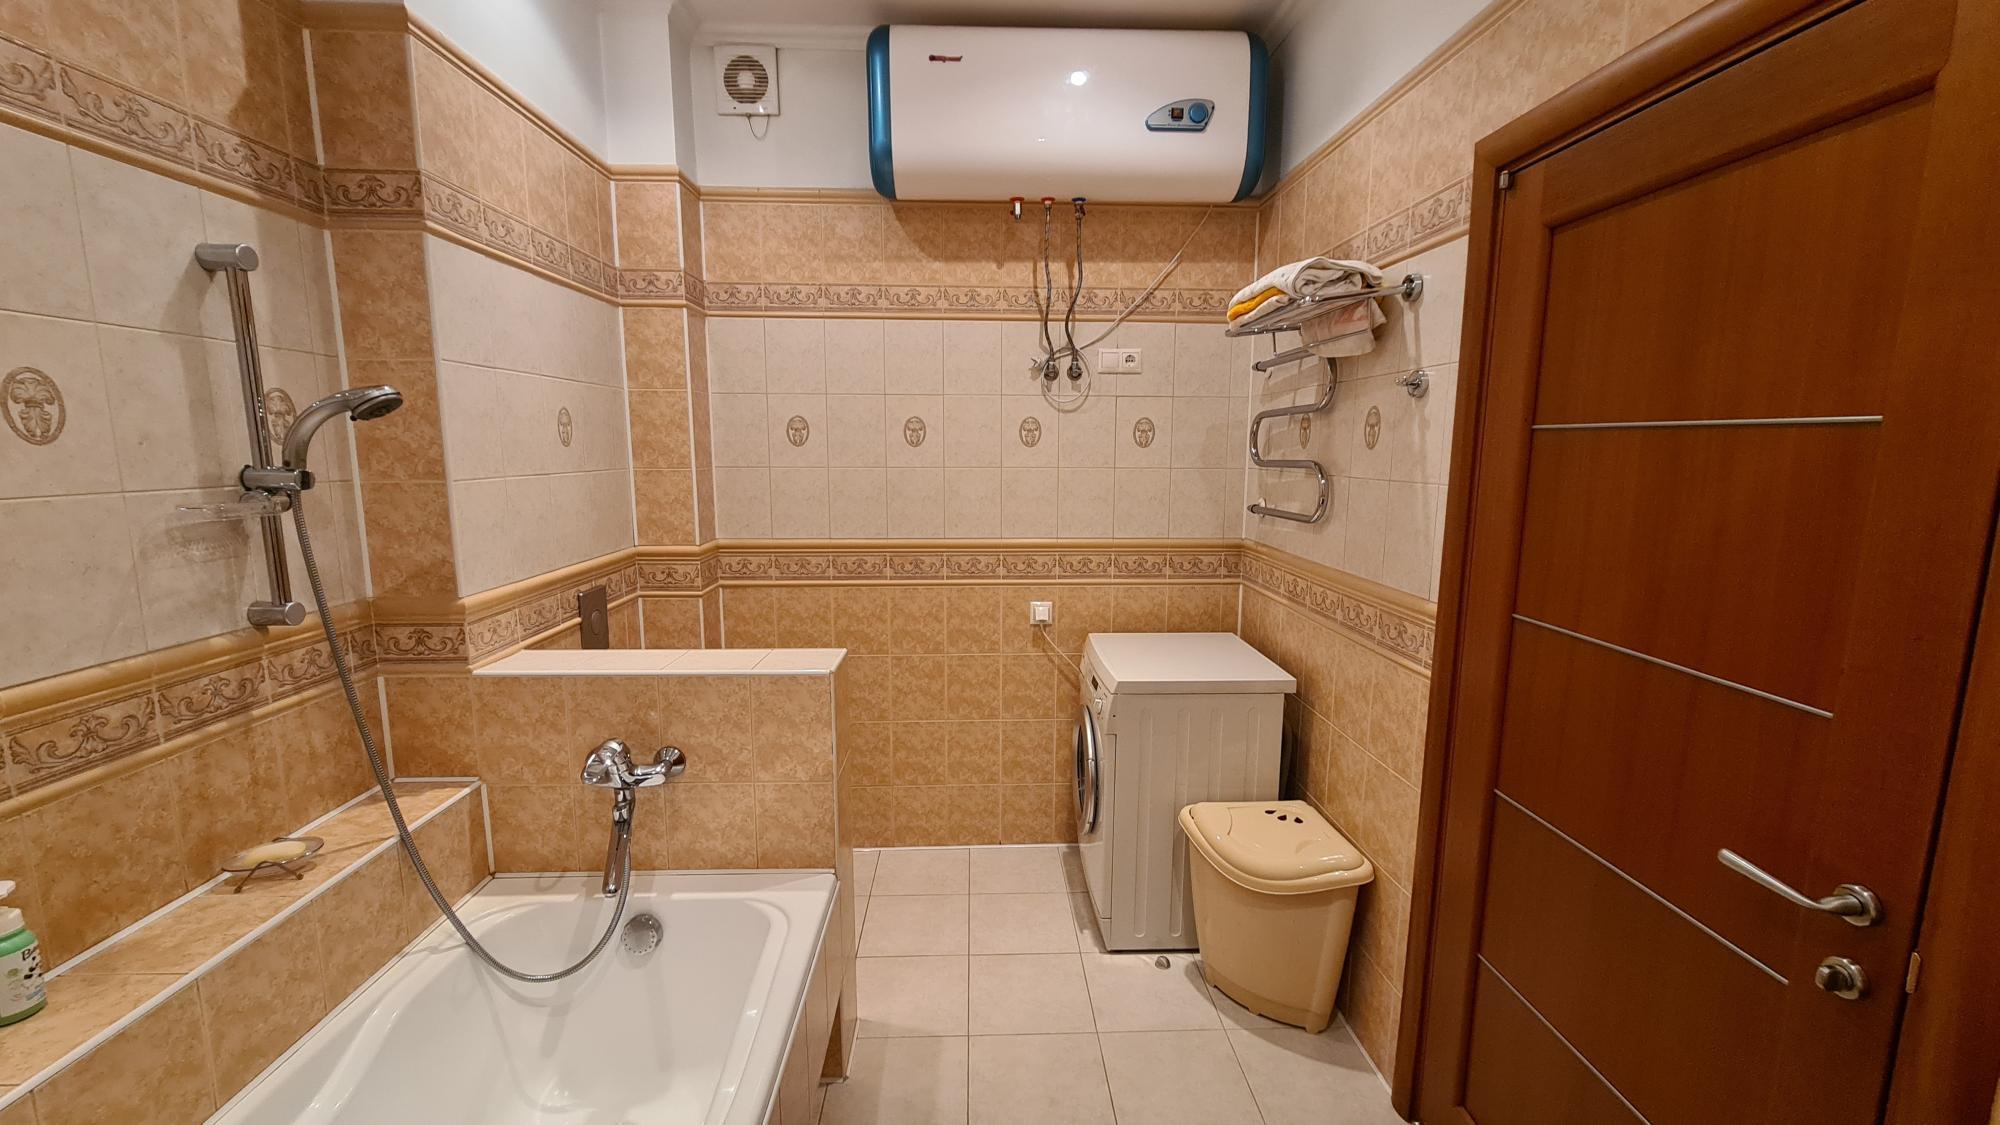 4к квартира улица Елены Стасовой, 25Г | 70000 | аренда в Красноярске фото 13